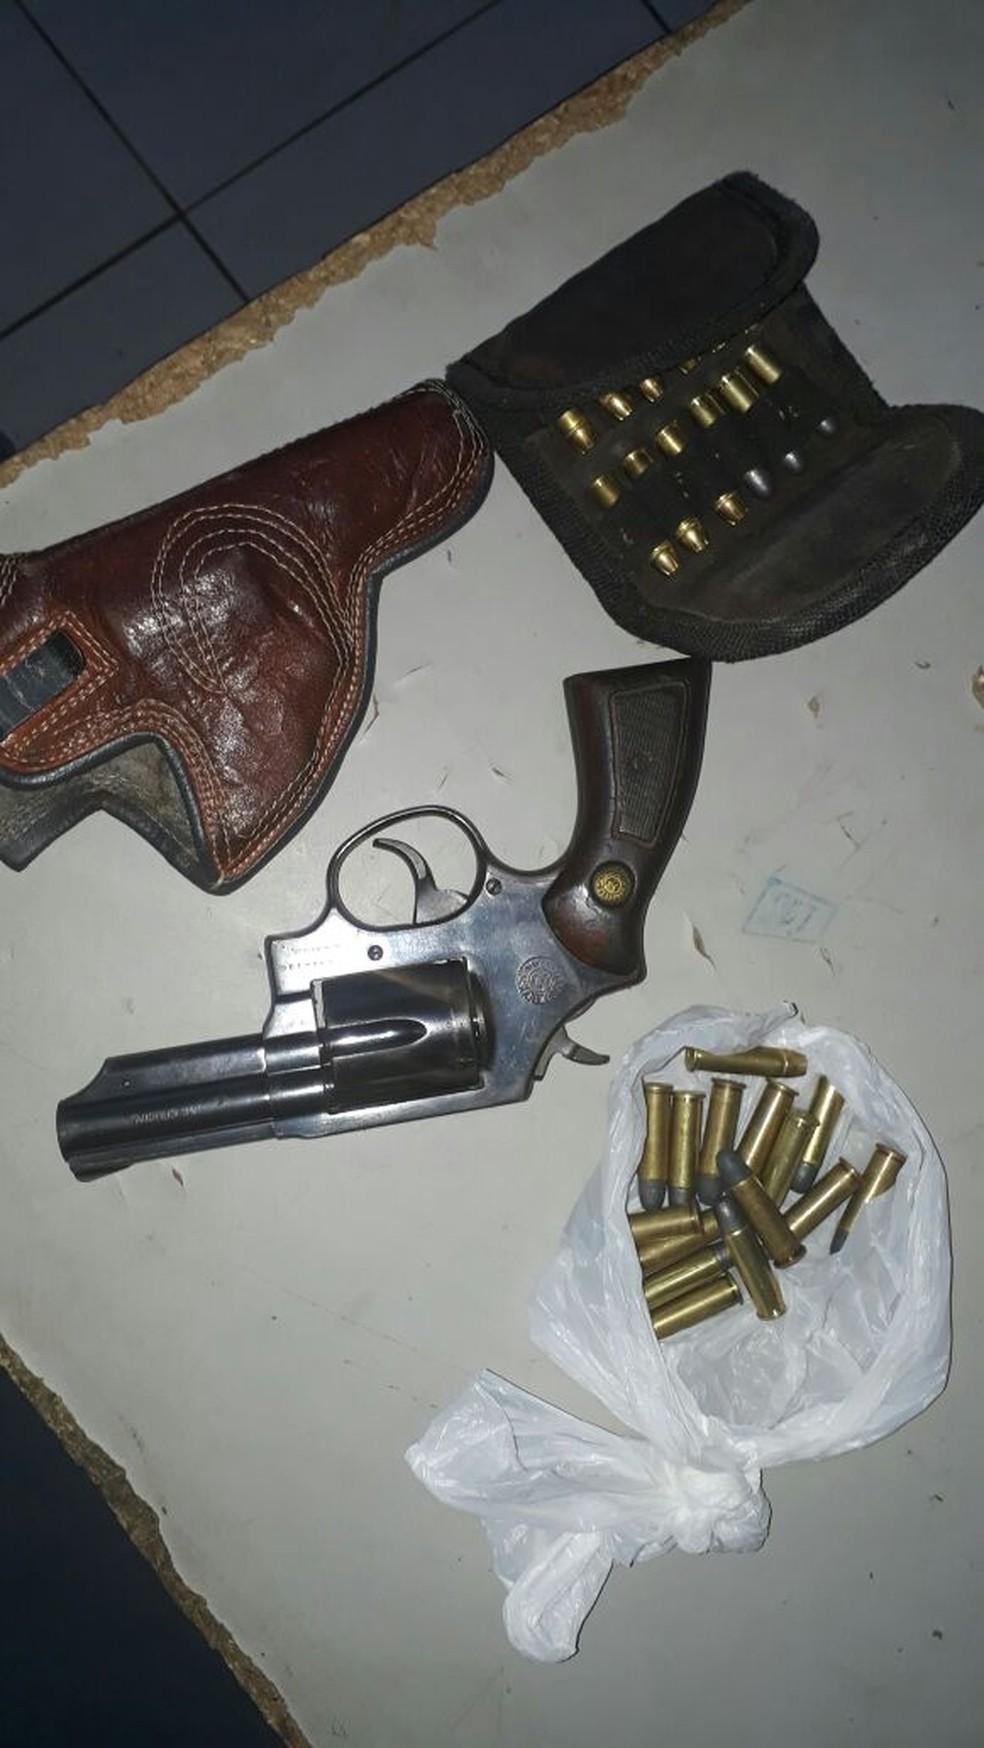 Armas e munições foram apreendidas durante operação no Sertão (Foto: Polícia Militar/Divulgação)